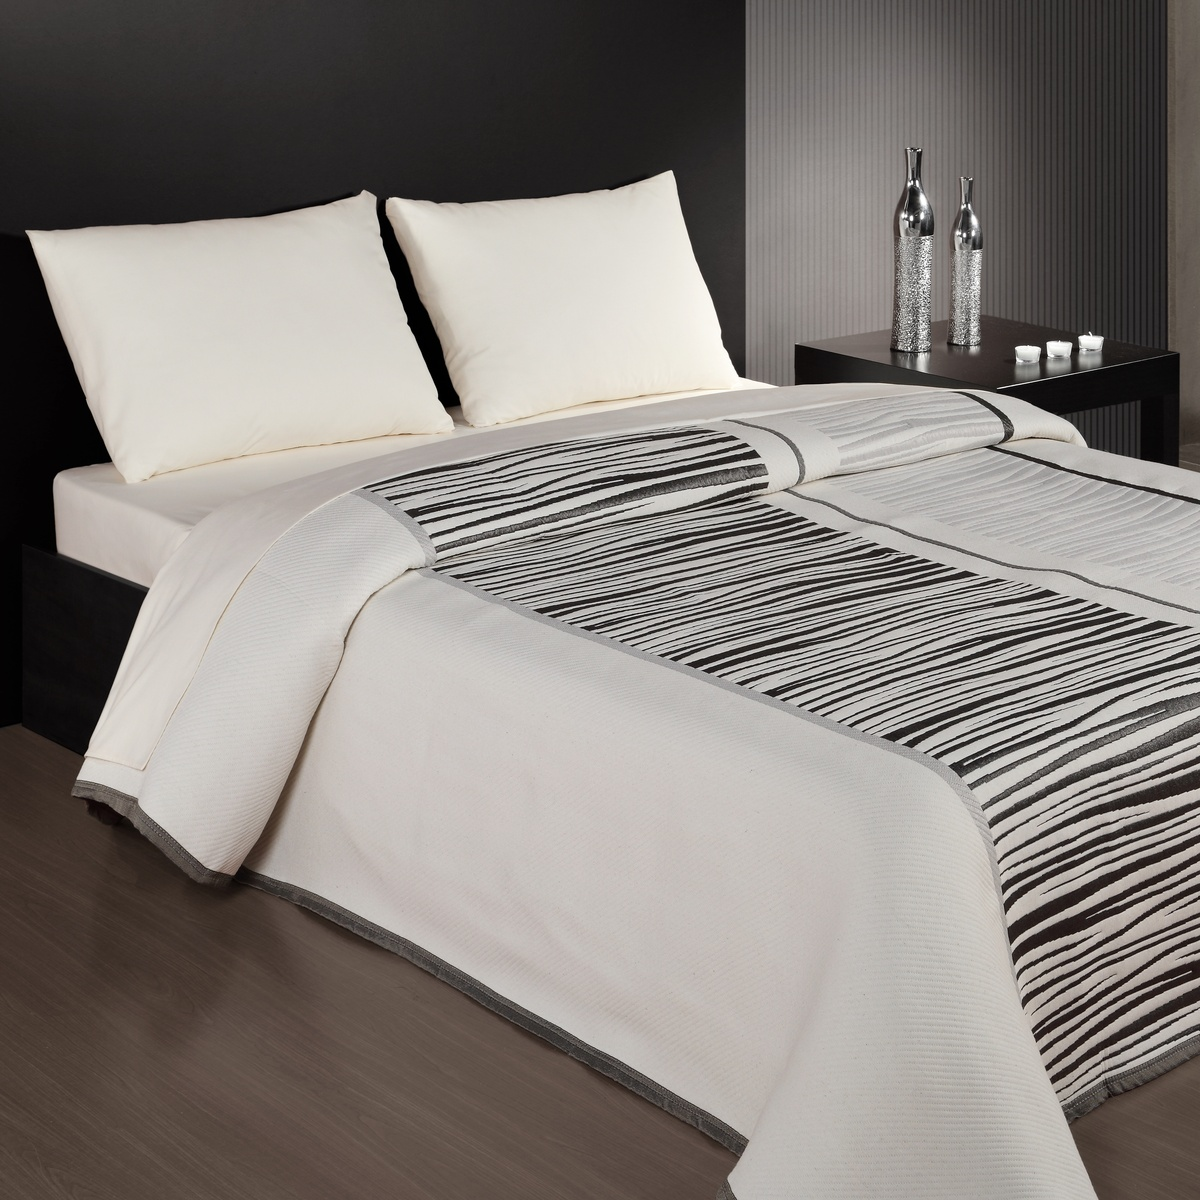 Forbyt Prehoz na posteľ Africa, 140 x 220 cm, 140 x 220 cm